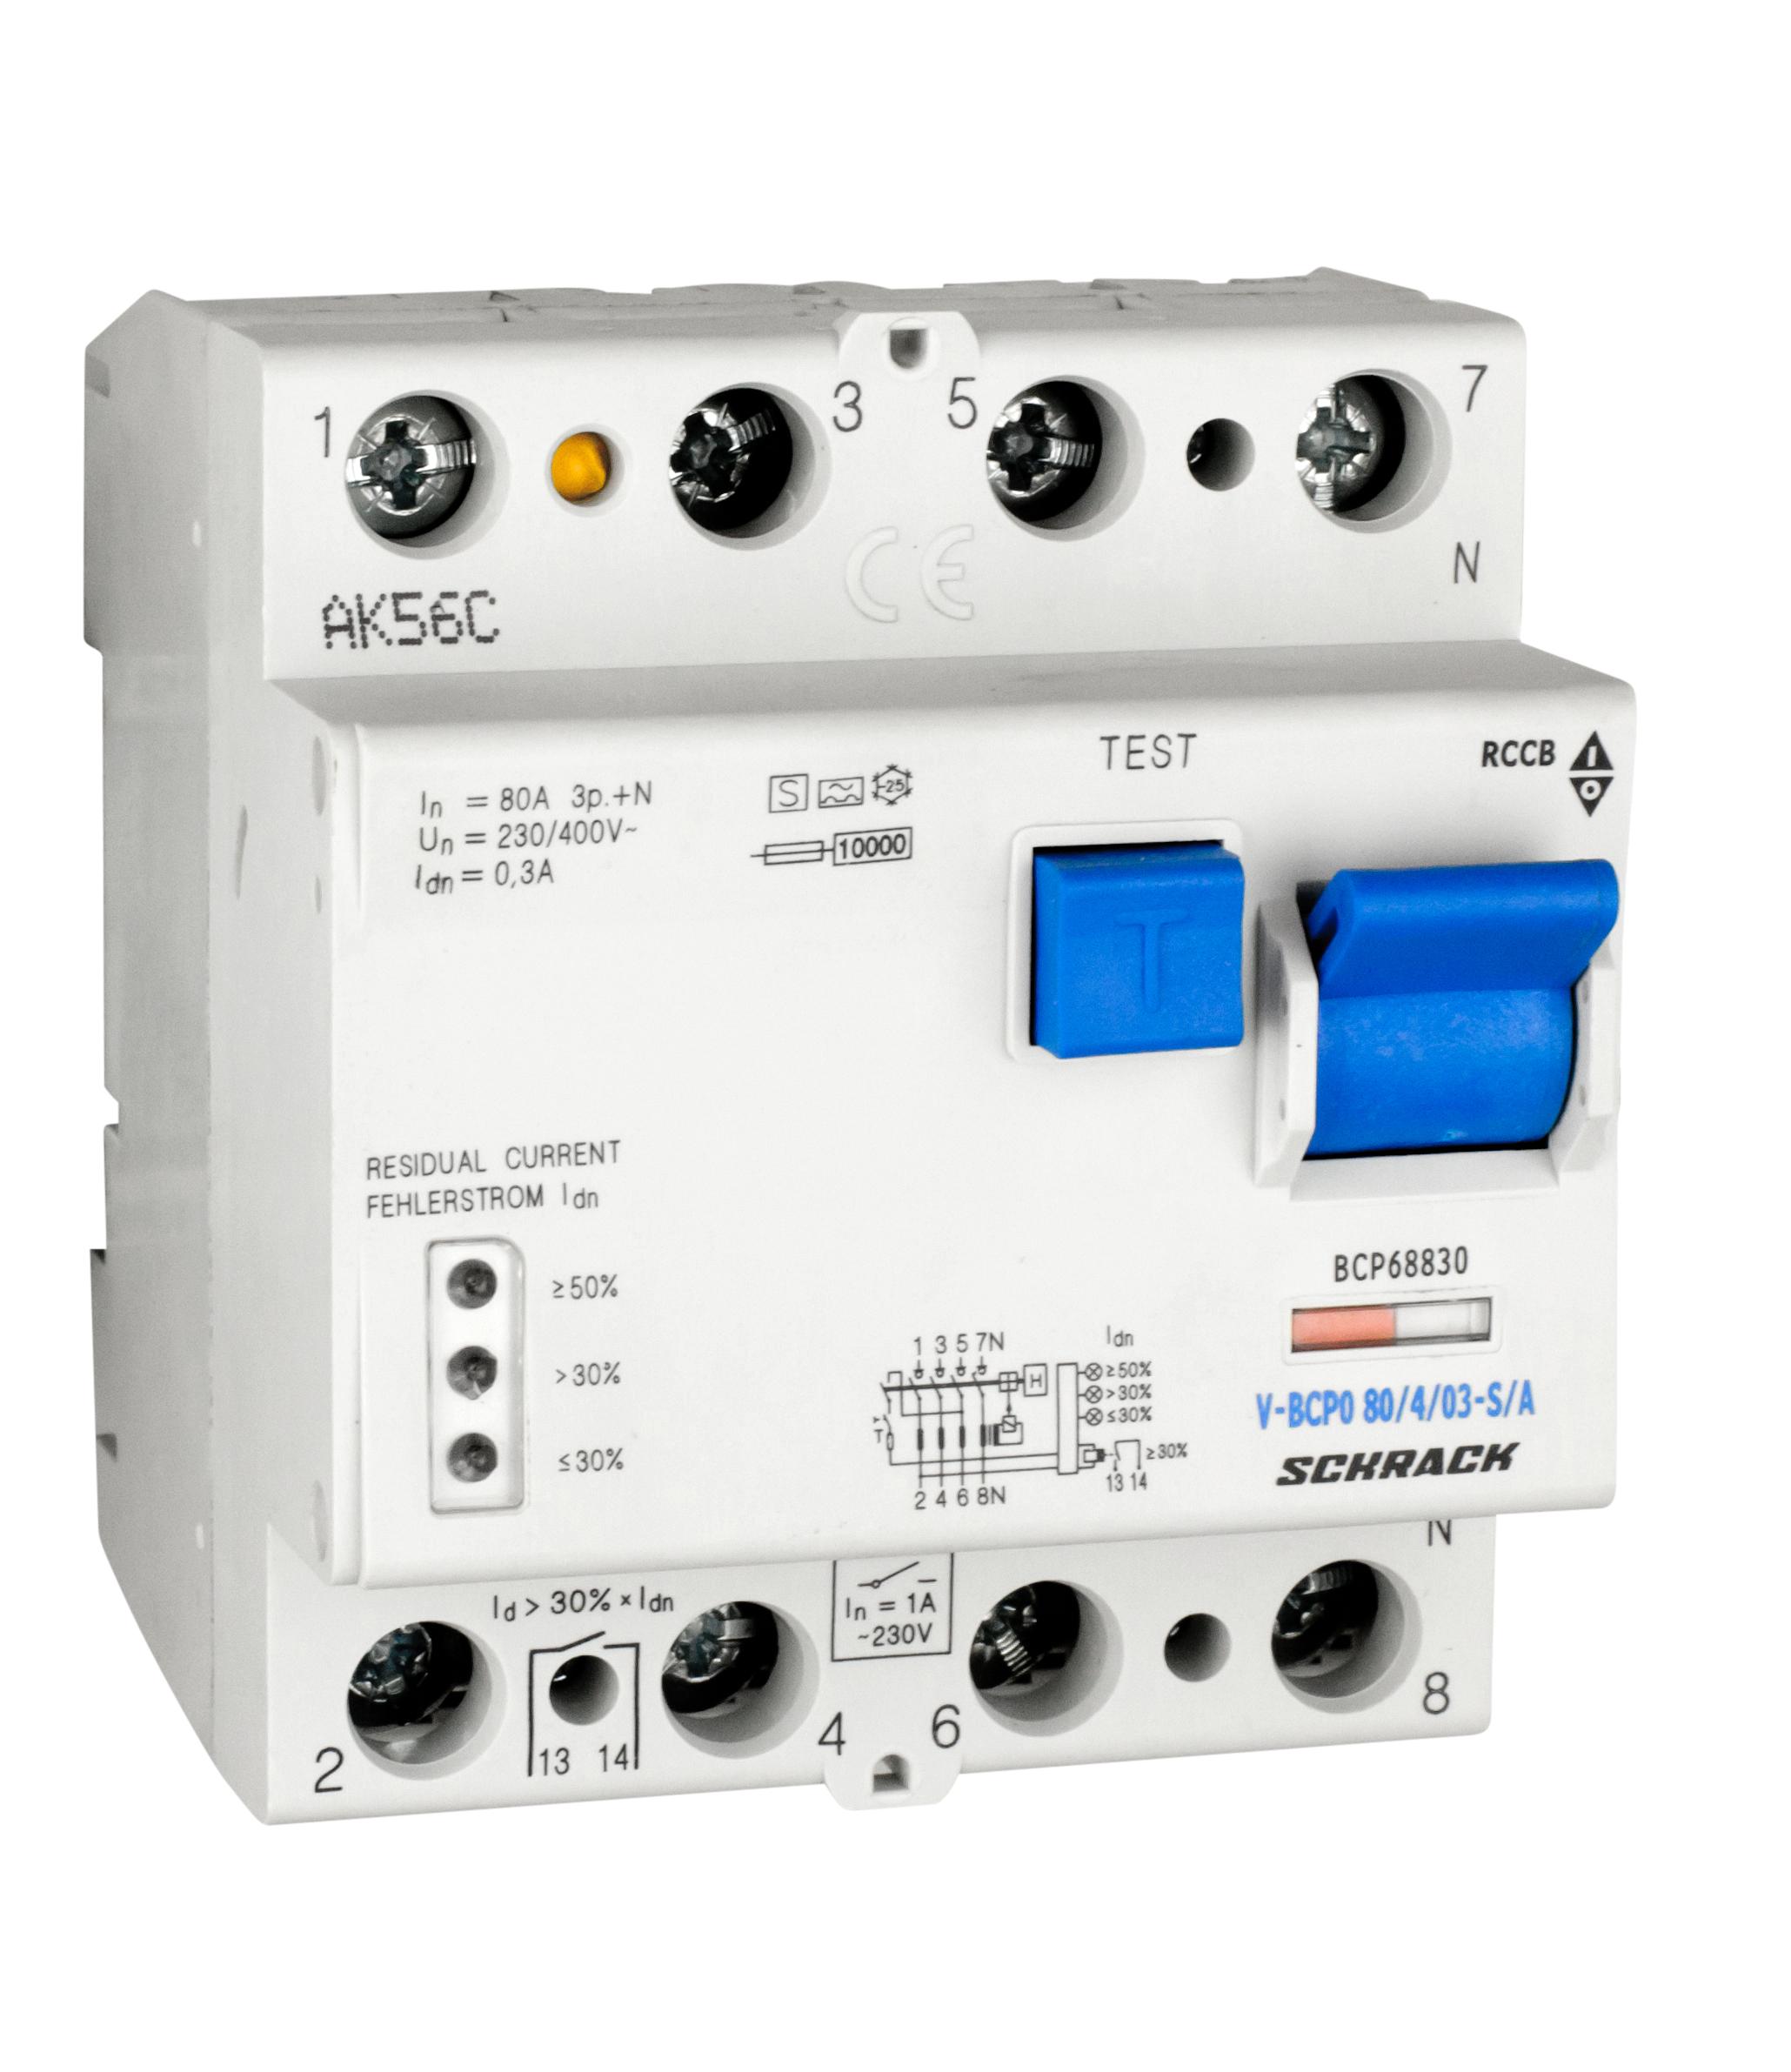 1 Stk PRIORI FI-Schalter 80A, 4-pol, 300mA, vsf, Bauart S, Typ A BCP68830--